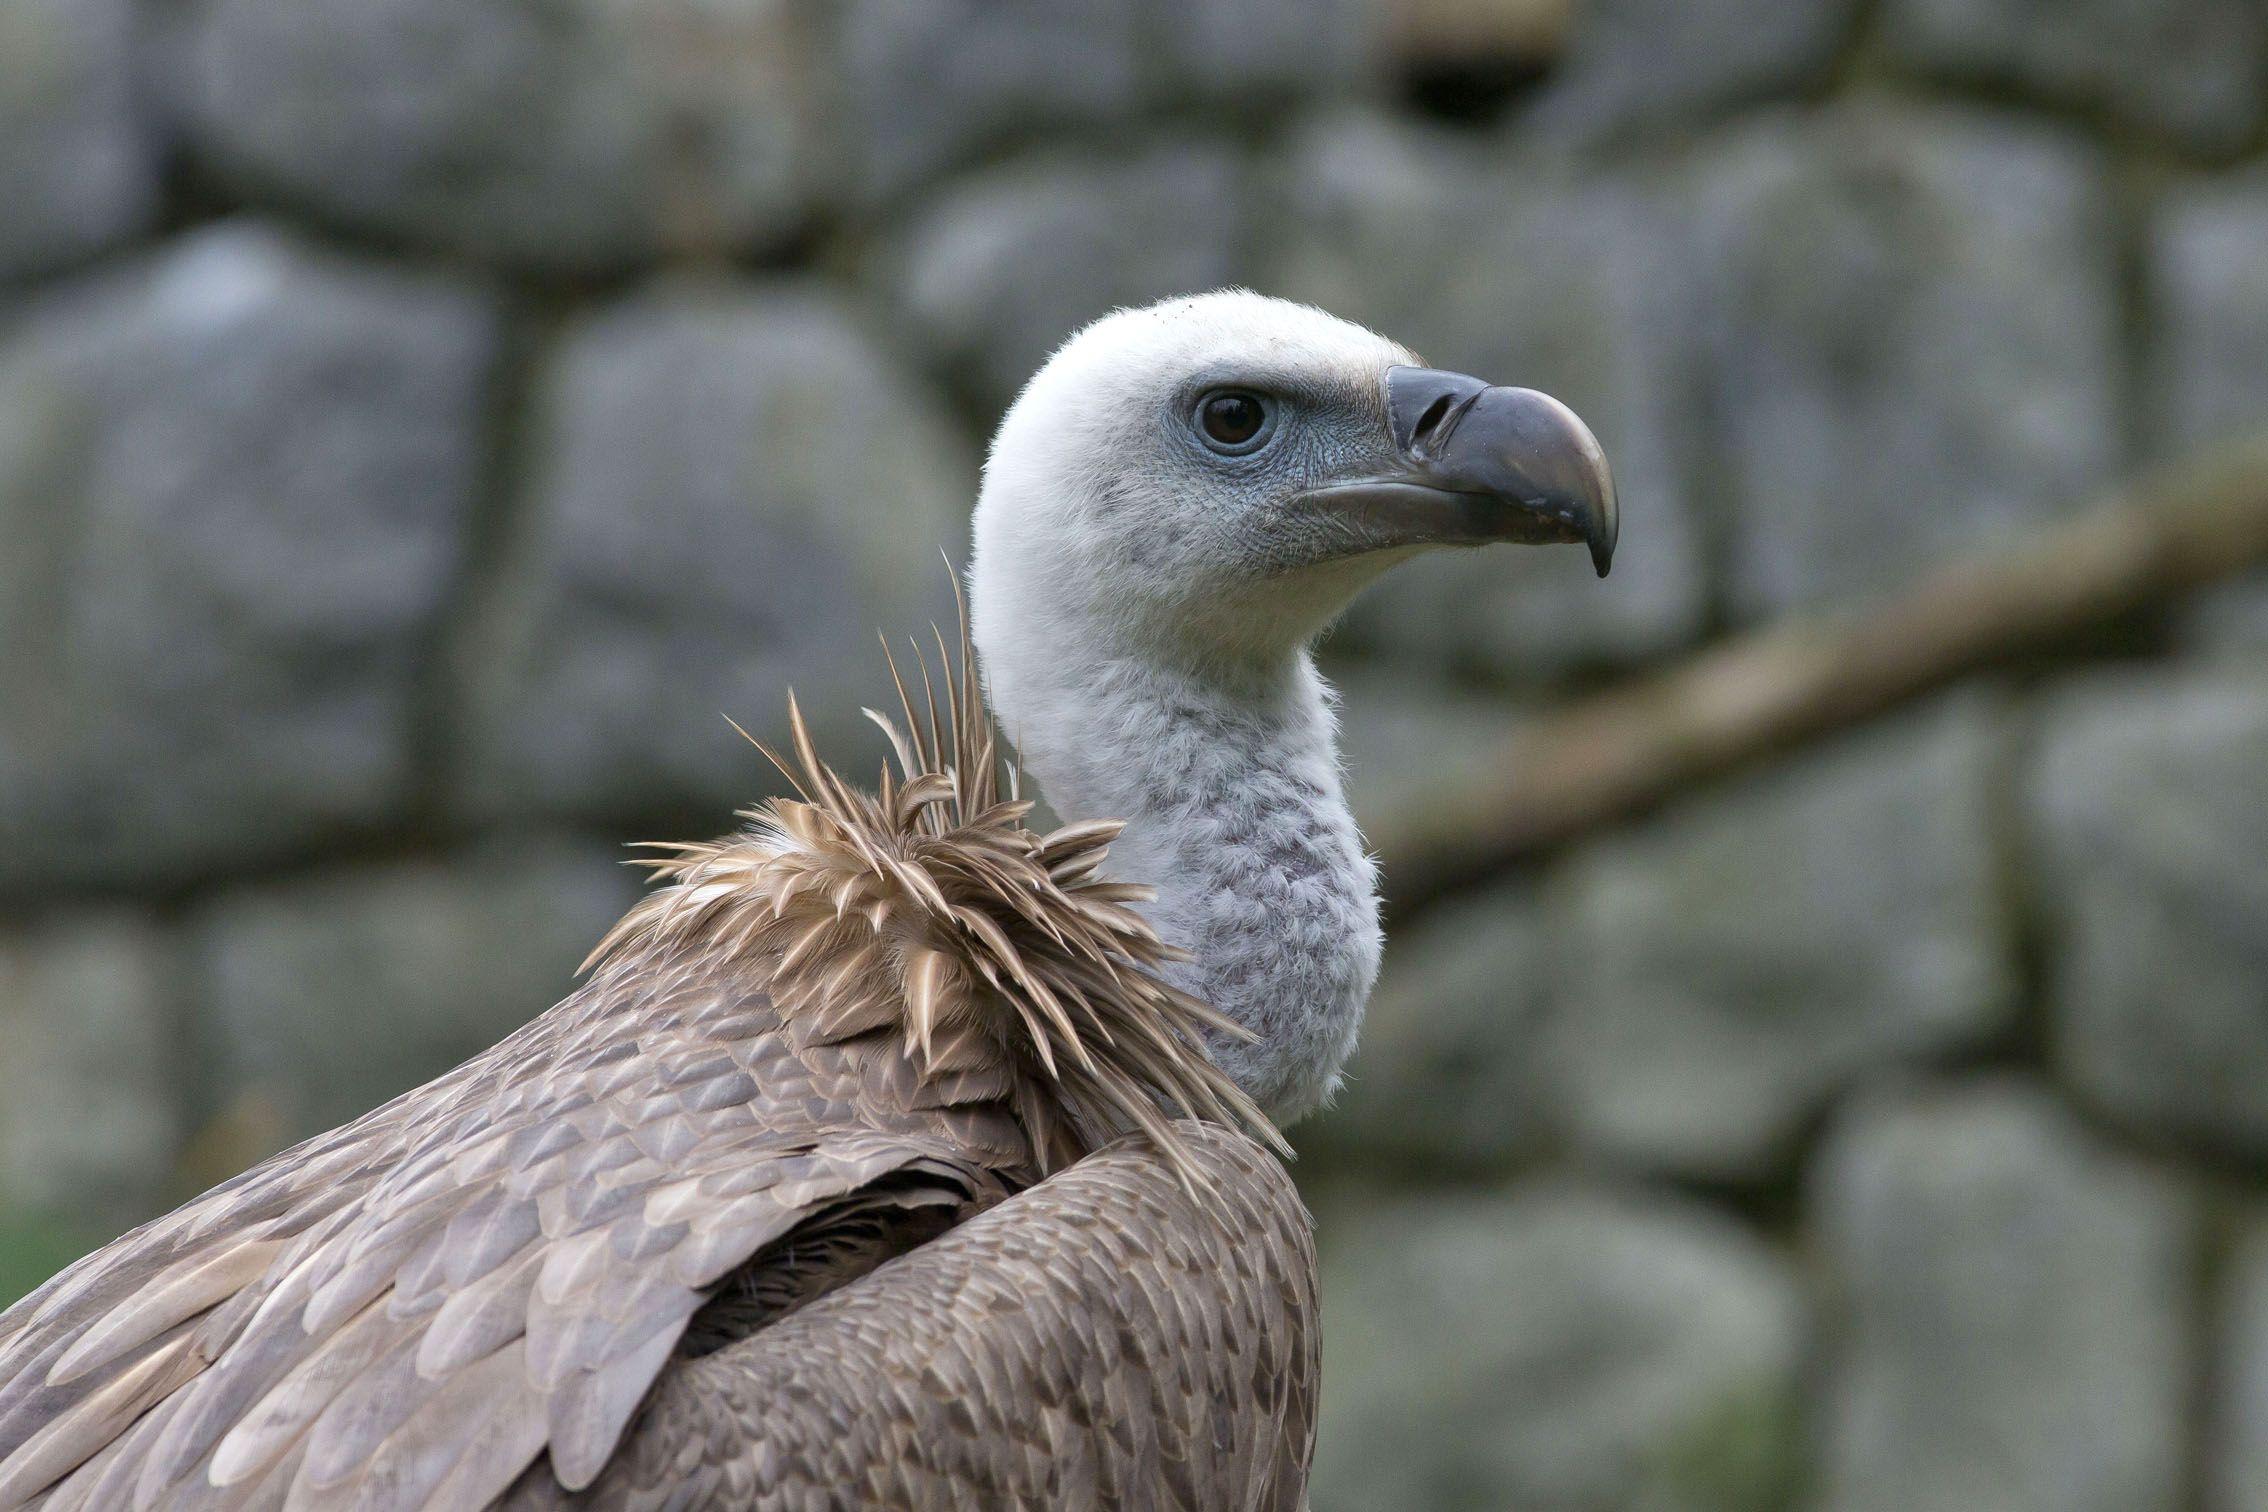 Bjeloglavi supovi – veličanstvene ptice čiji opstanak ovisi o čovjeku